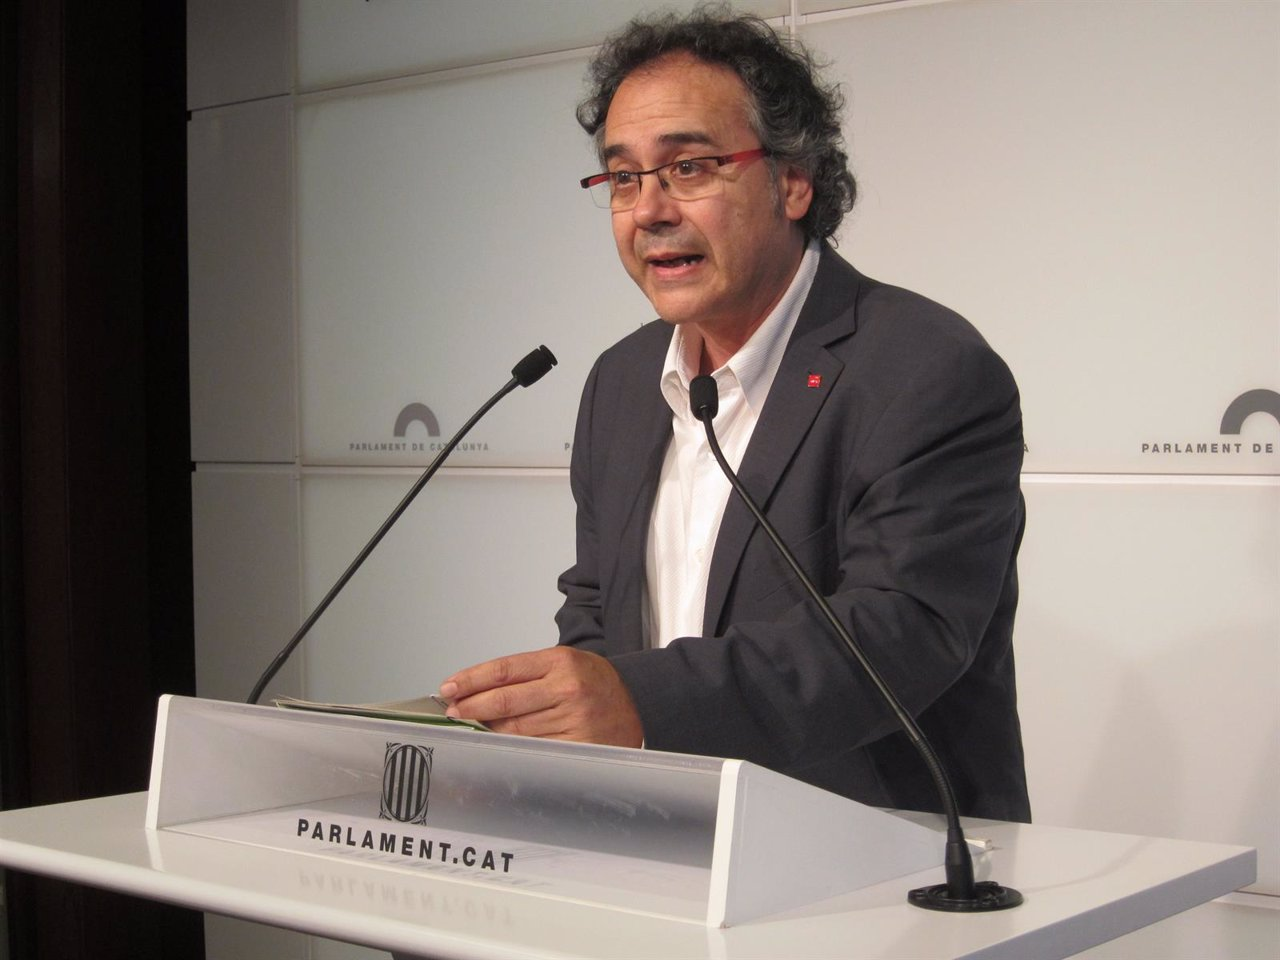 Jordi Miralles